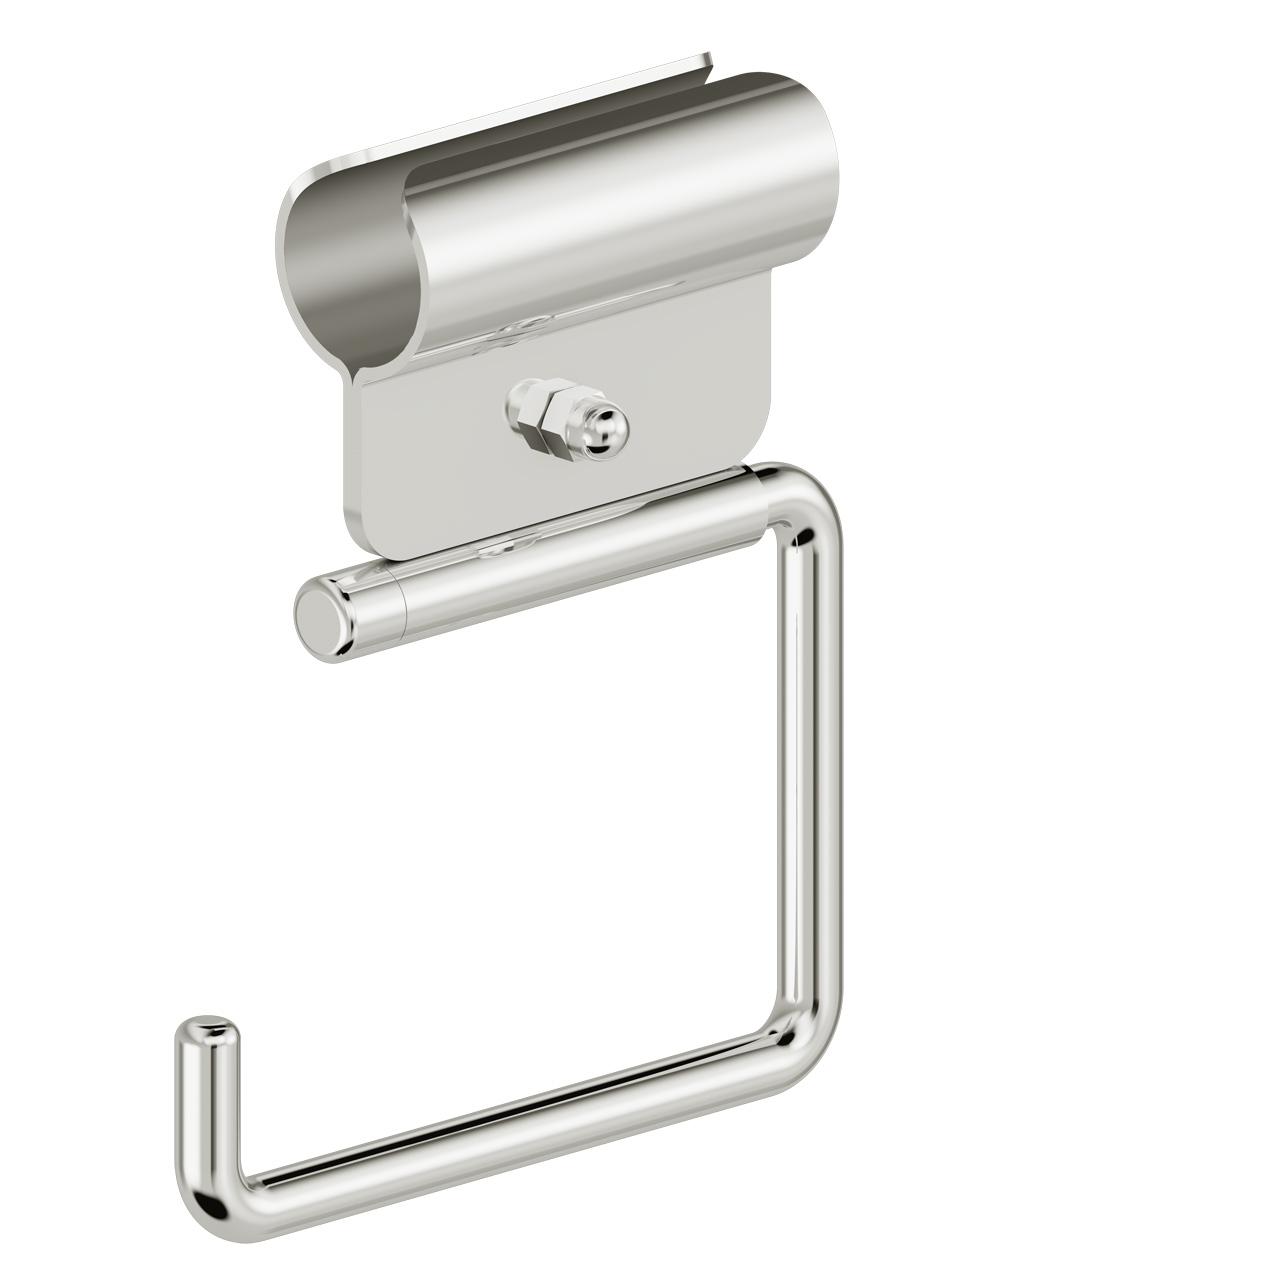 Foto - WC-Papierrollenhalter ohne Blattstopper, Klemmbefestigung, Edelstahl glatt poliert - Artikel L1103100 - Serie Funktion von Lehnen